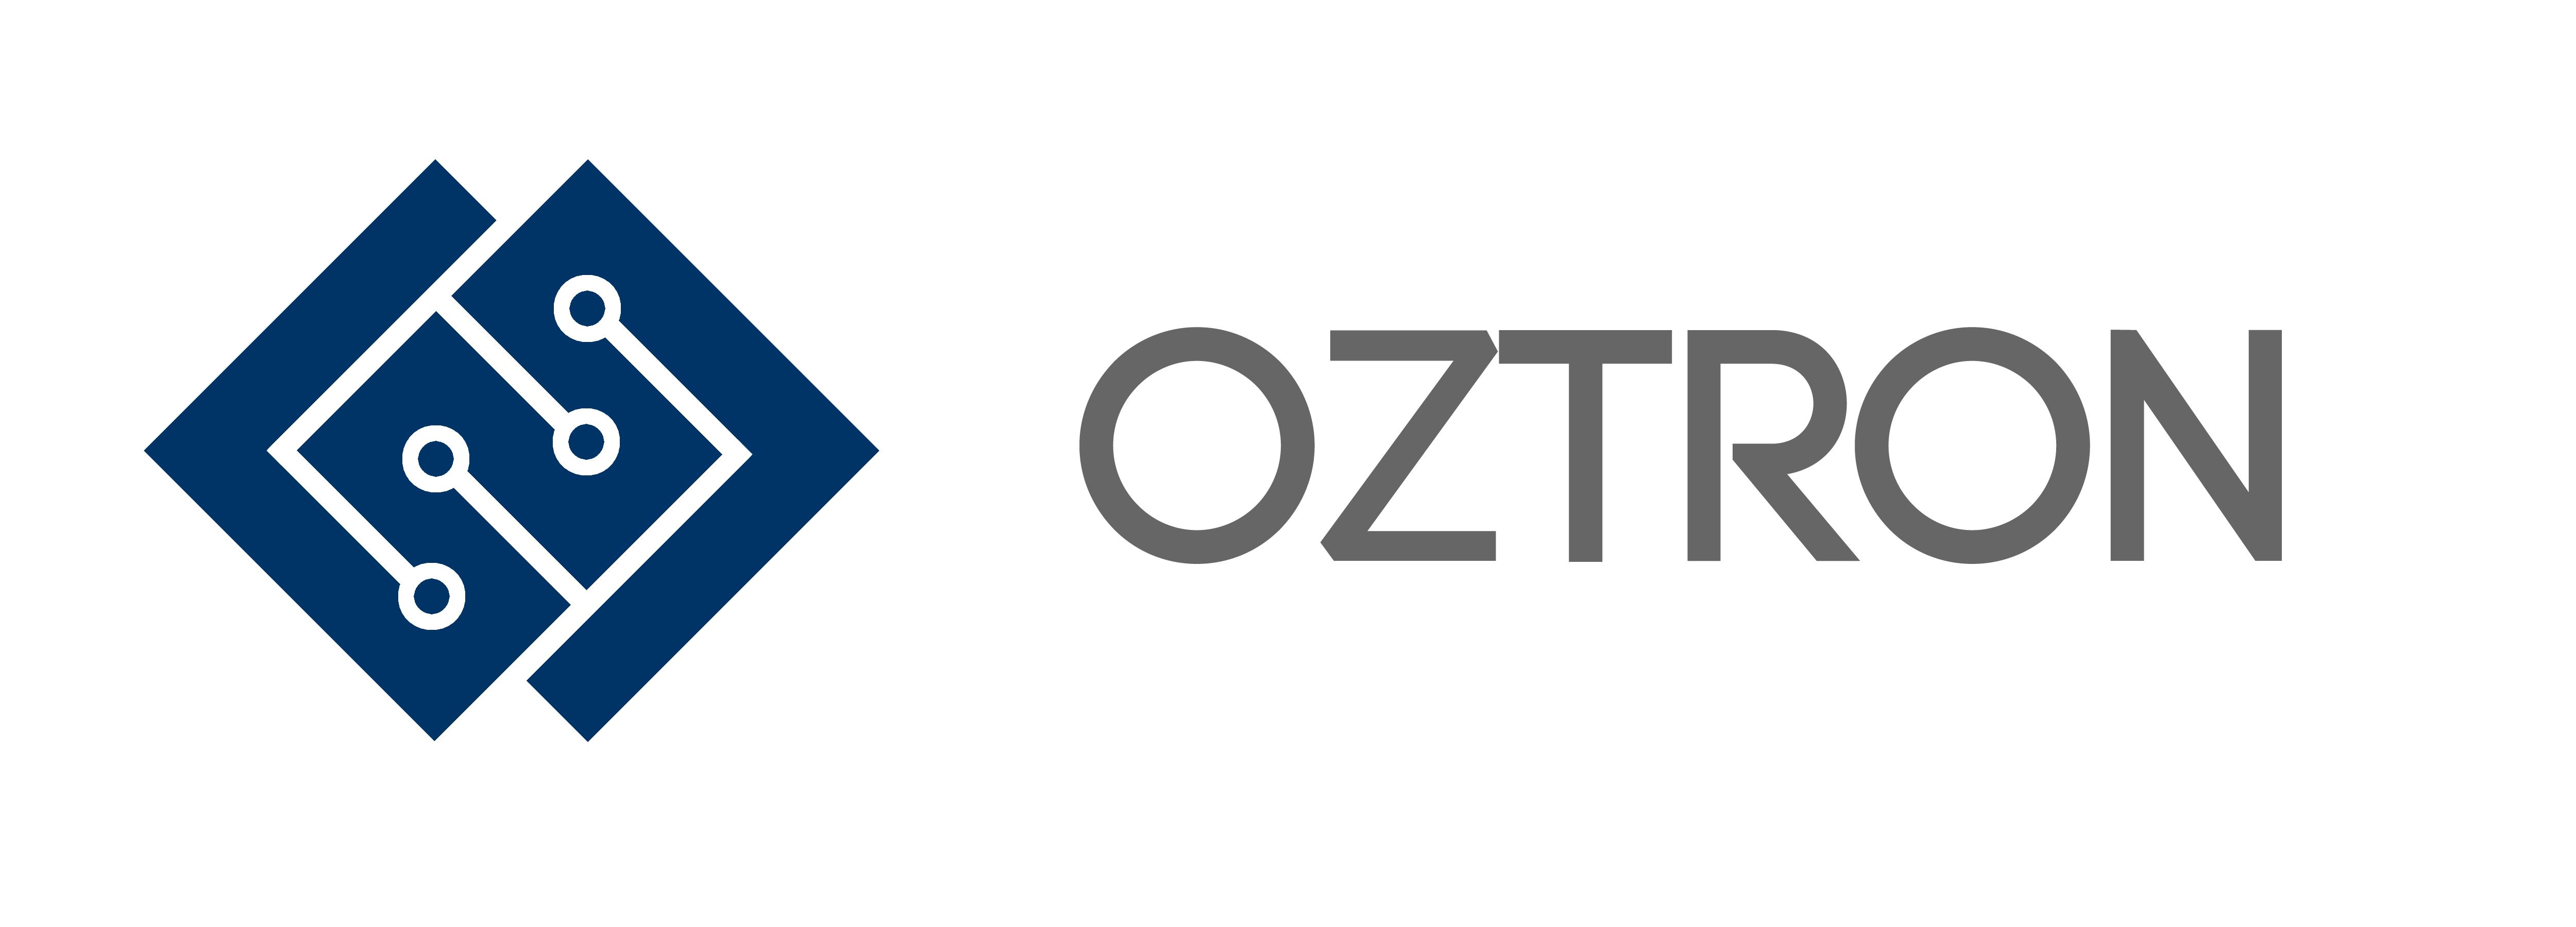 Oztron